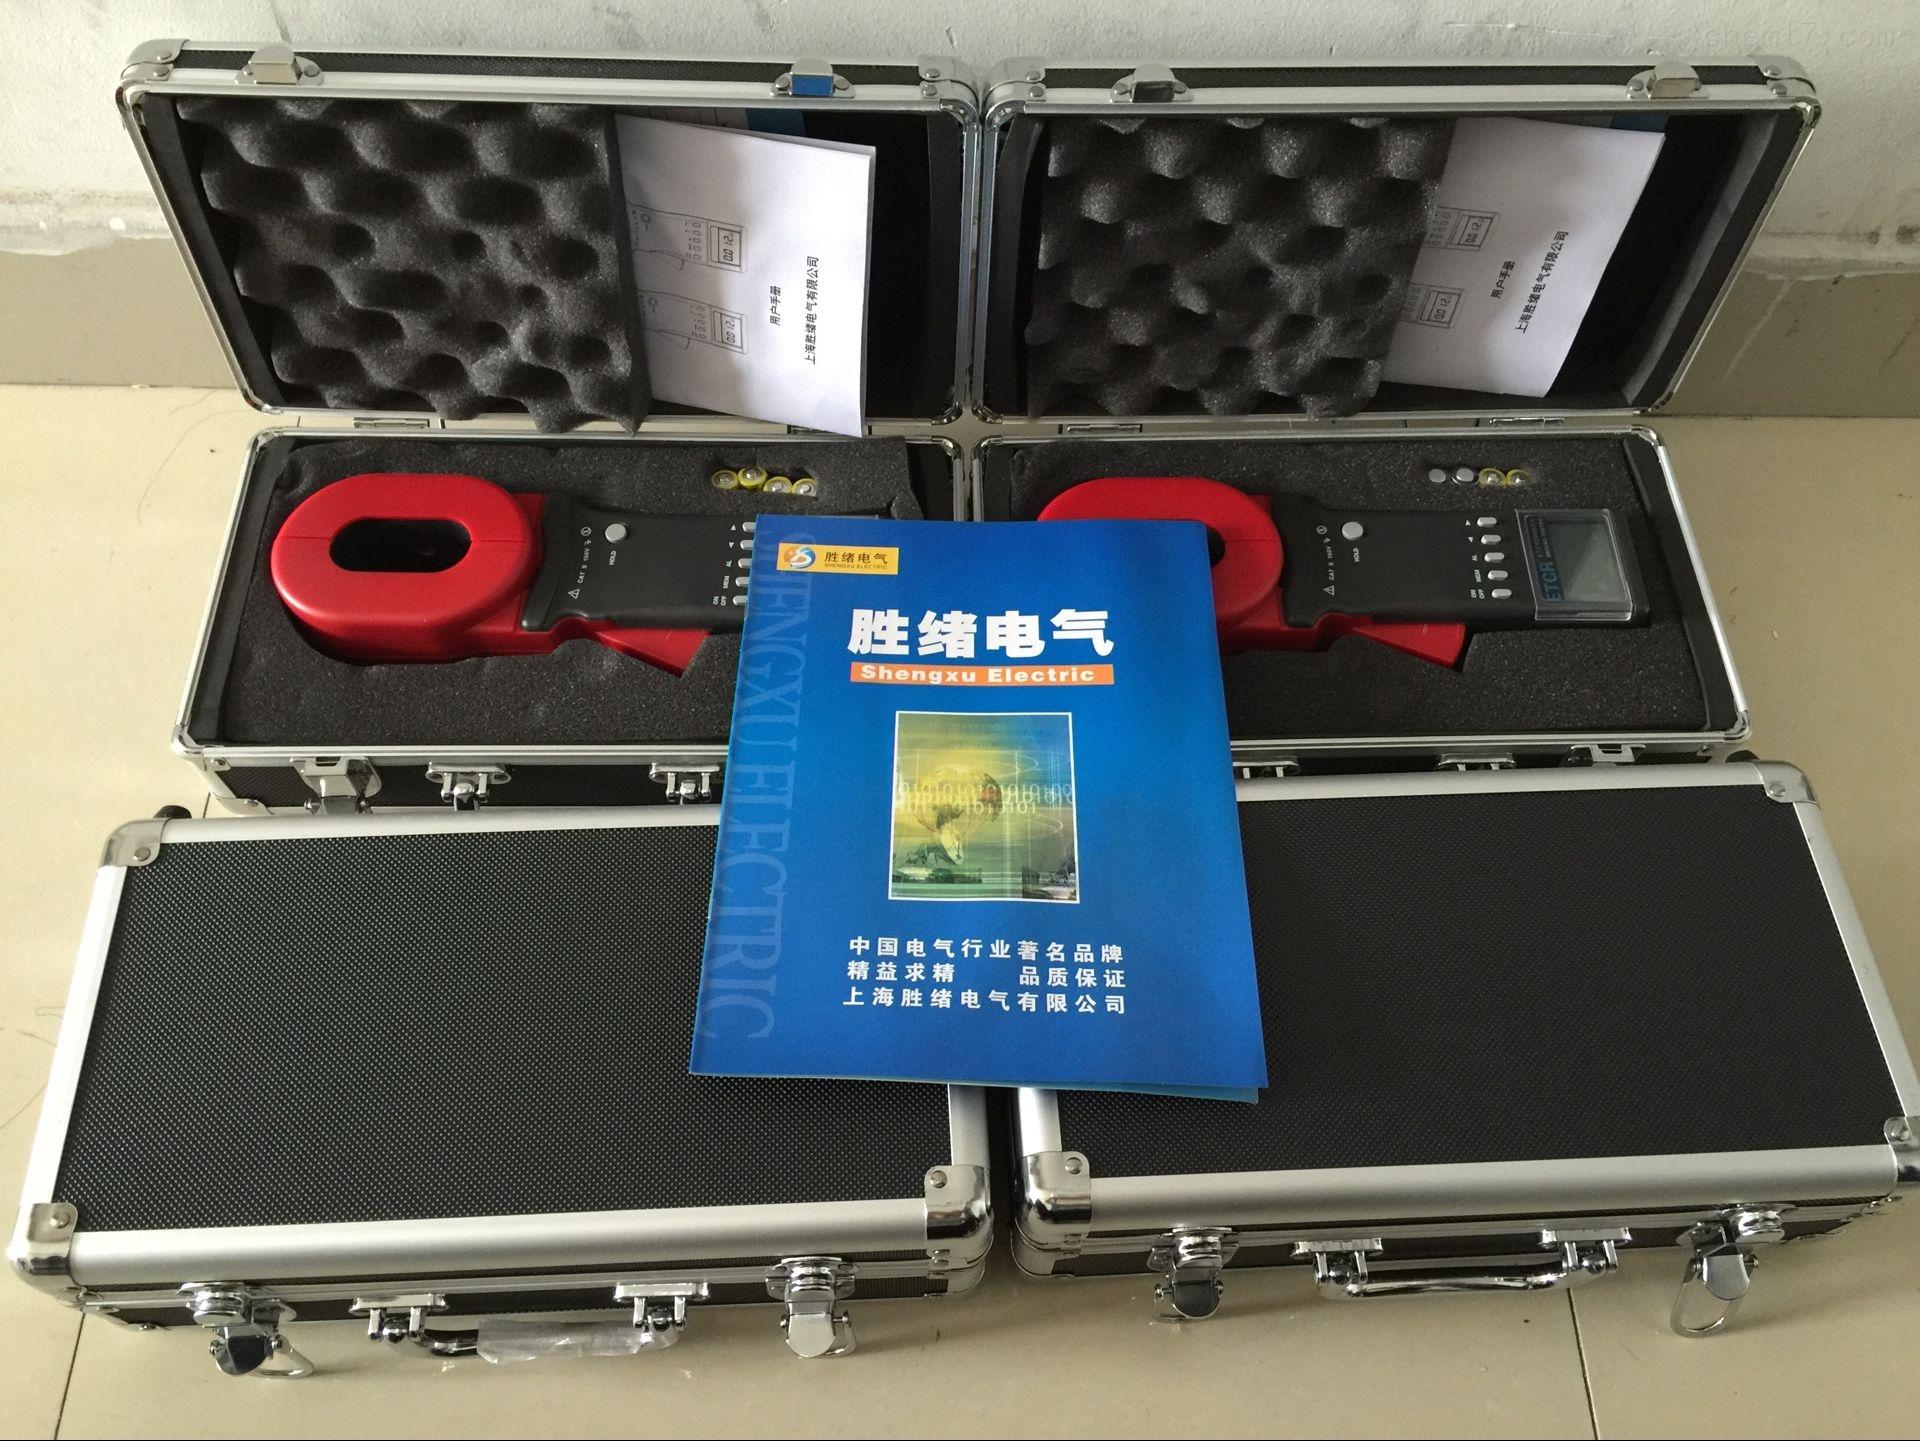 上海电工仪表厂 电阻测试仪 接地电阻测试仪 > 钳形接地电阻测量仪